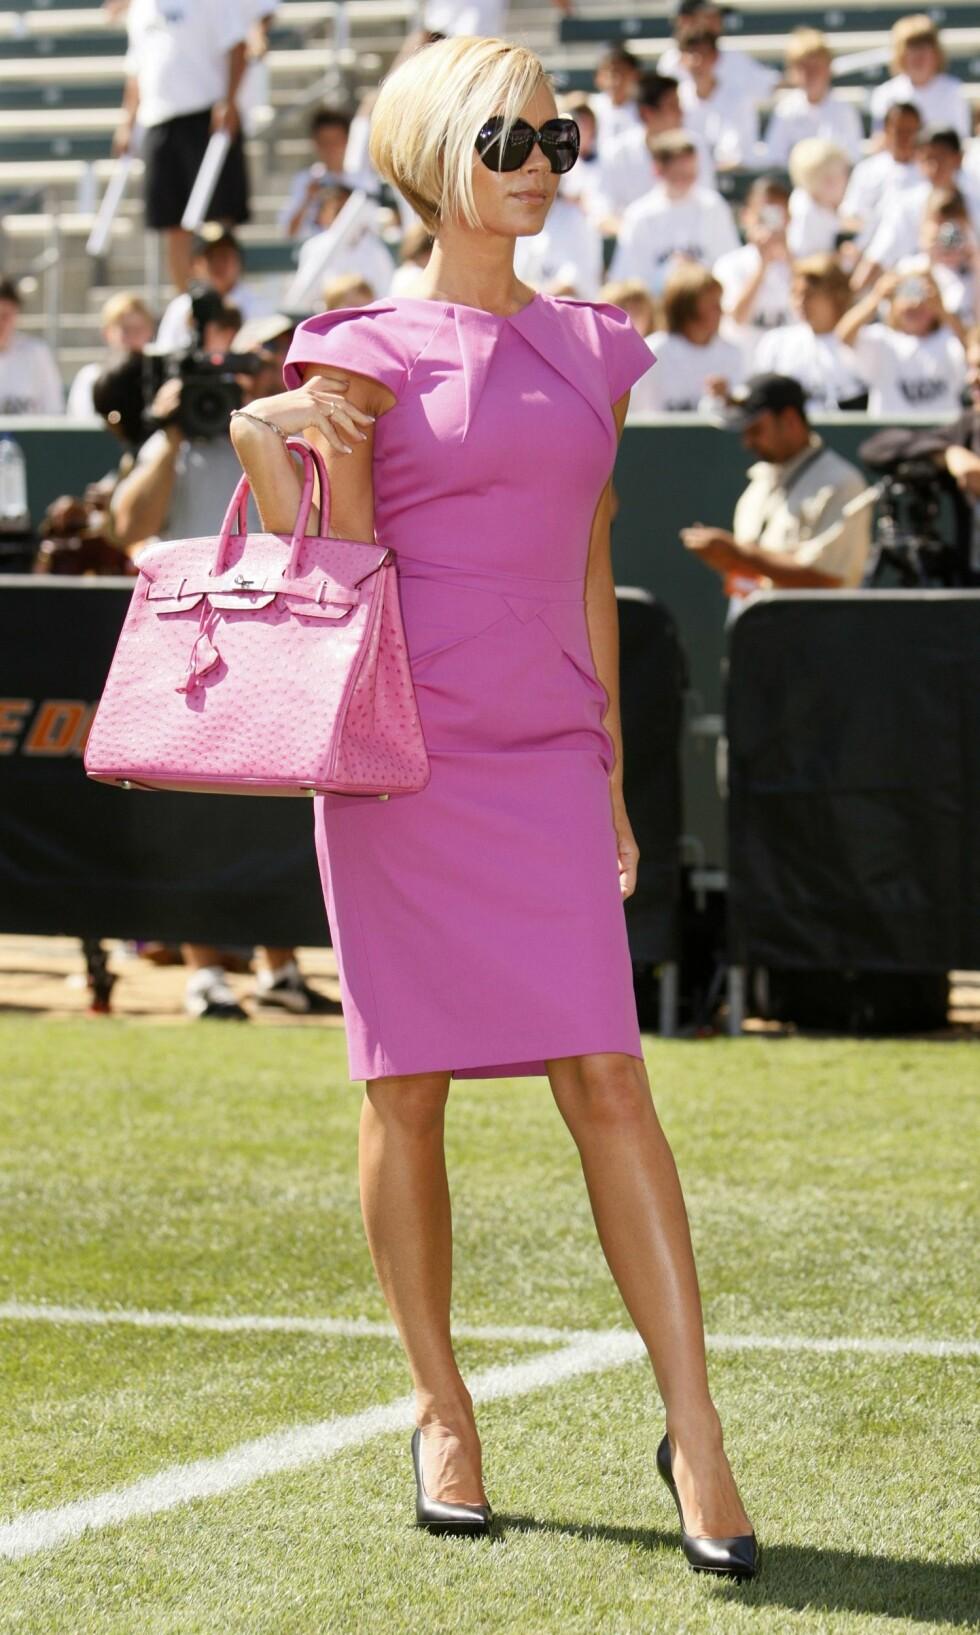 PÅ GRESSMATTEN: Victoria Beckham poserer vant ute på banen til fotballaget LA Galaxy i Carson, California sommeren 2007. Dengang introduserte hun David Beckham som lagets nye spiller.   Foto: REUTERS